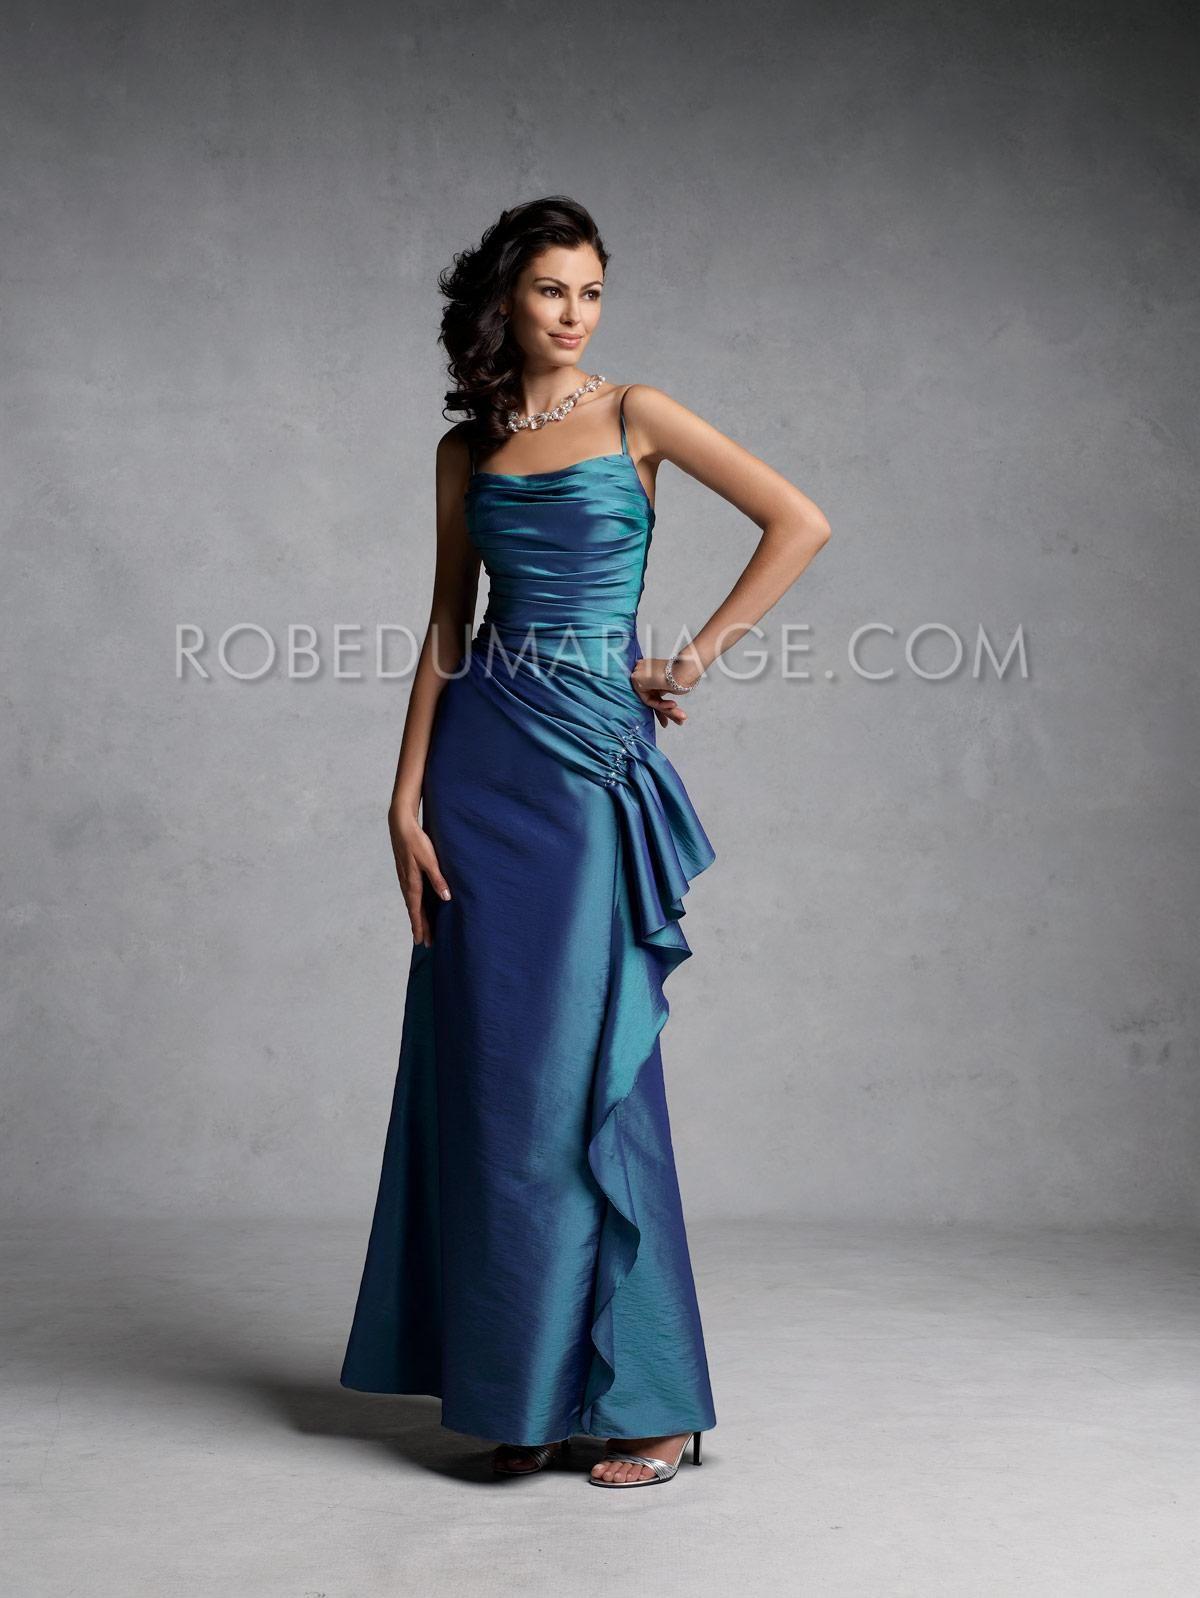 robe de soir e pas cher sans bretelle robe soir e pour mariage prix 64 99 lien pour cette. Black Bedroom Furniture Sets. Home Design Ideas